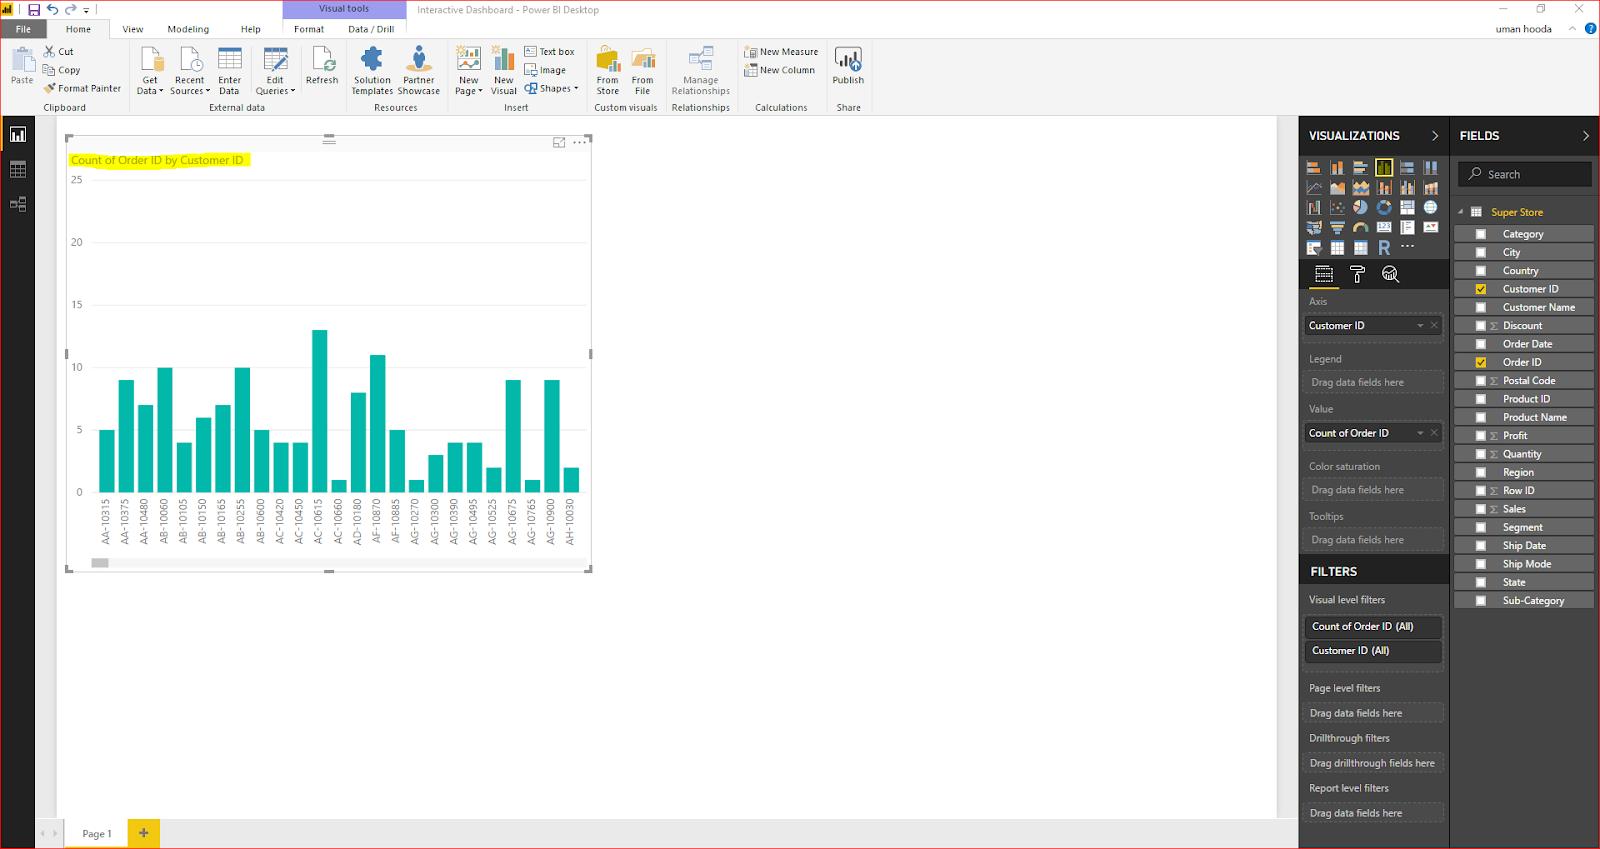 Interactive Dashboard In Microsoft Power BI 31